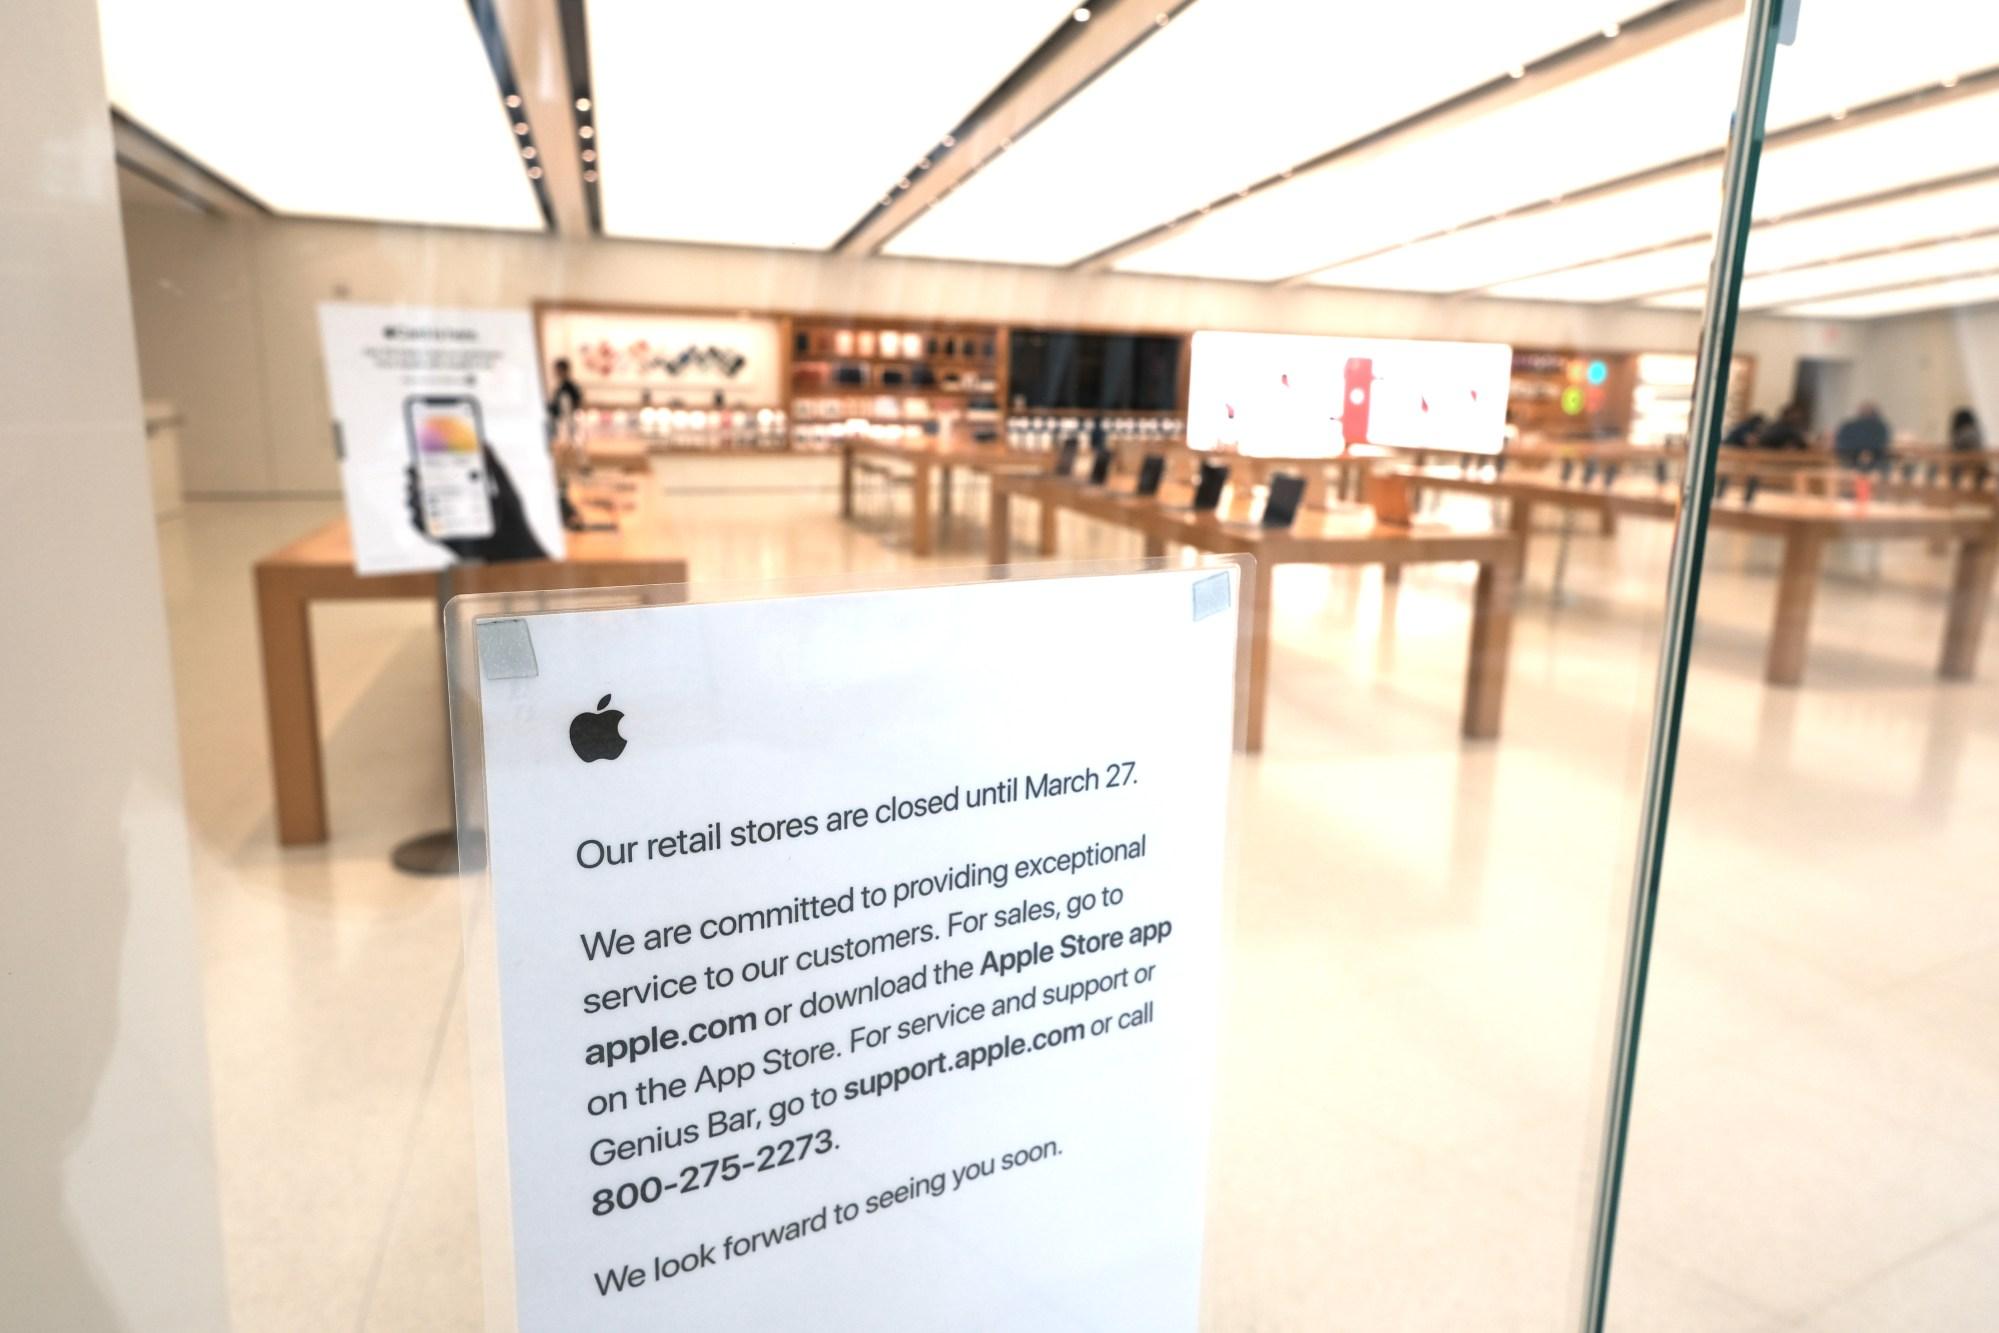 Apple store closure